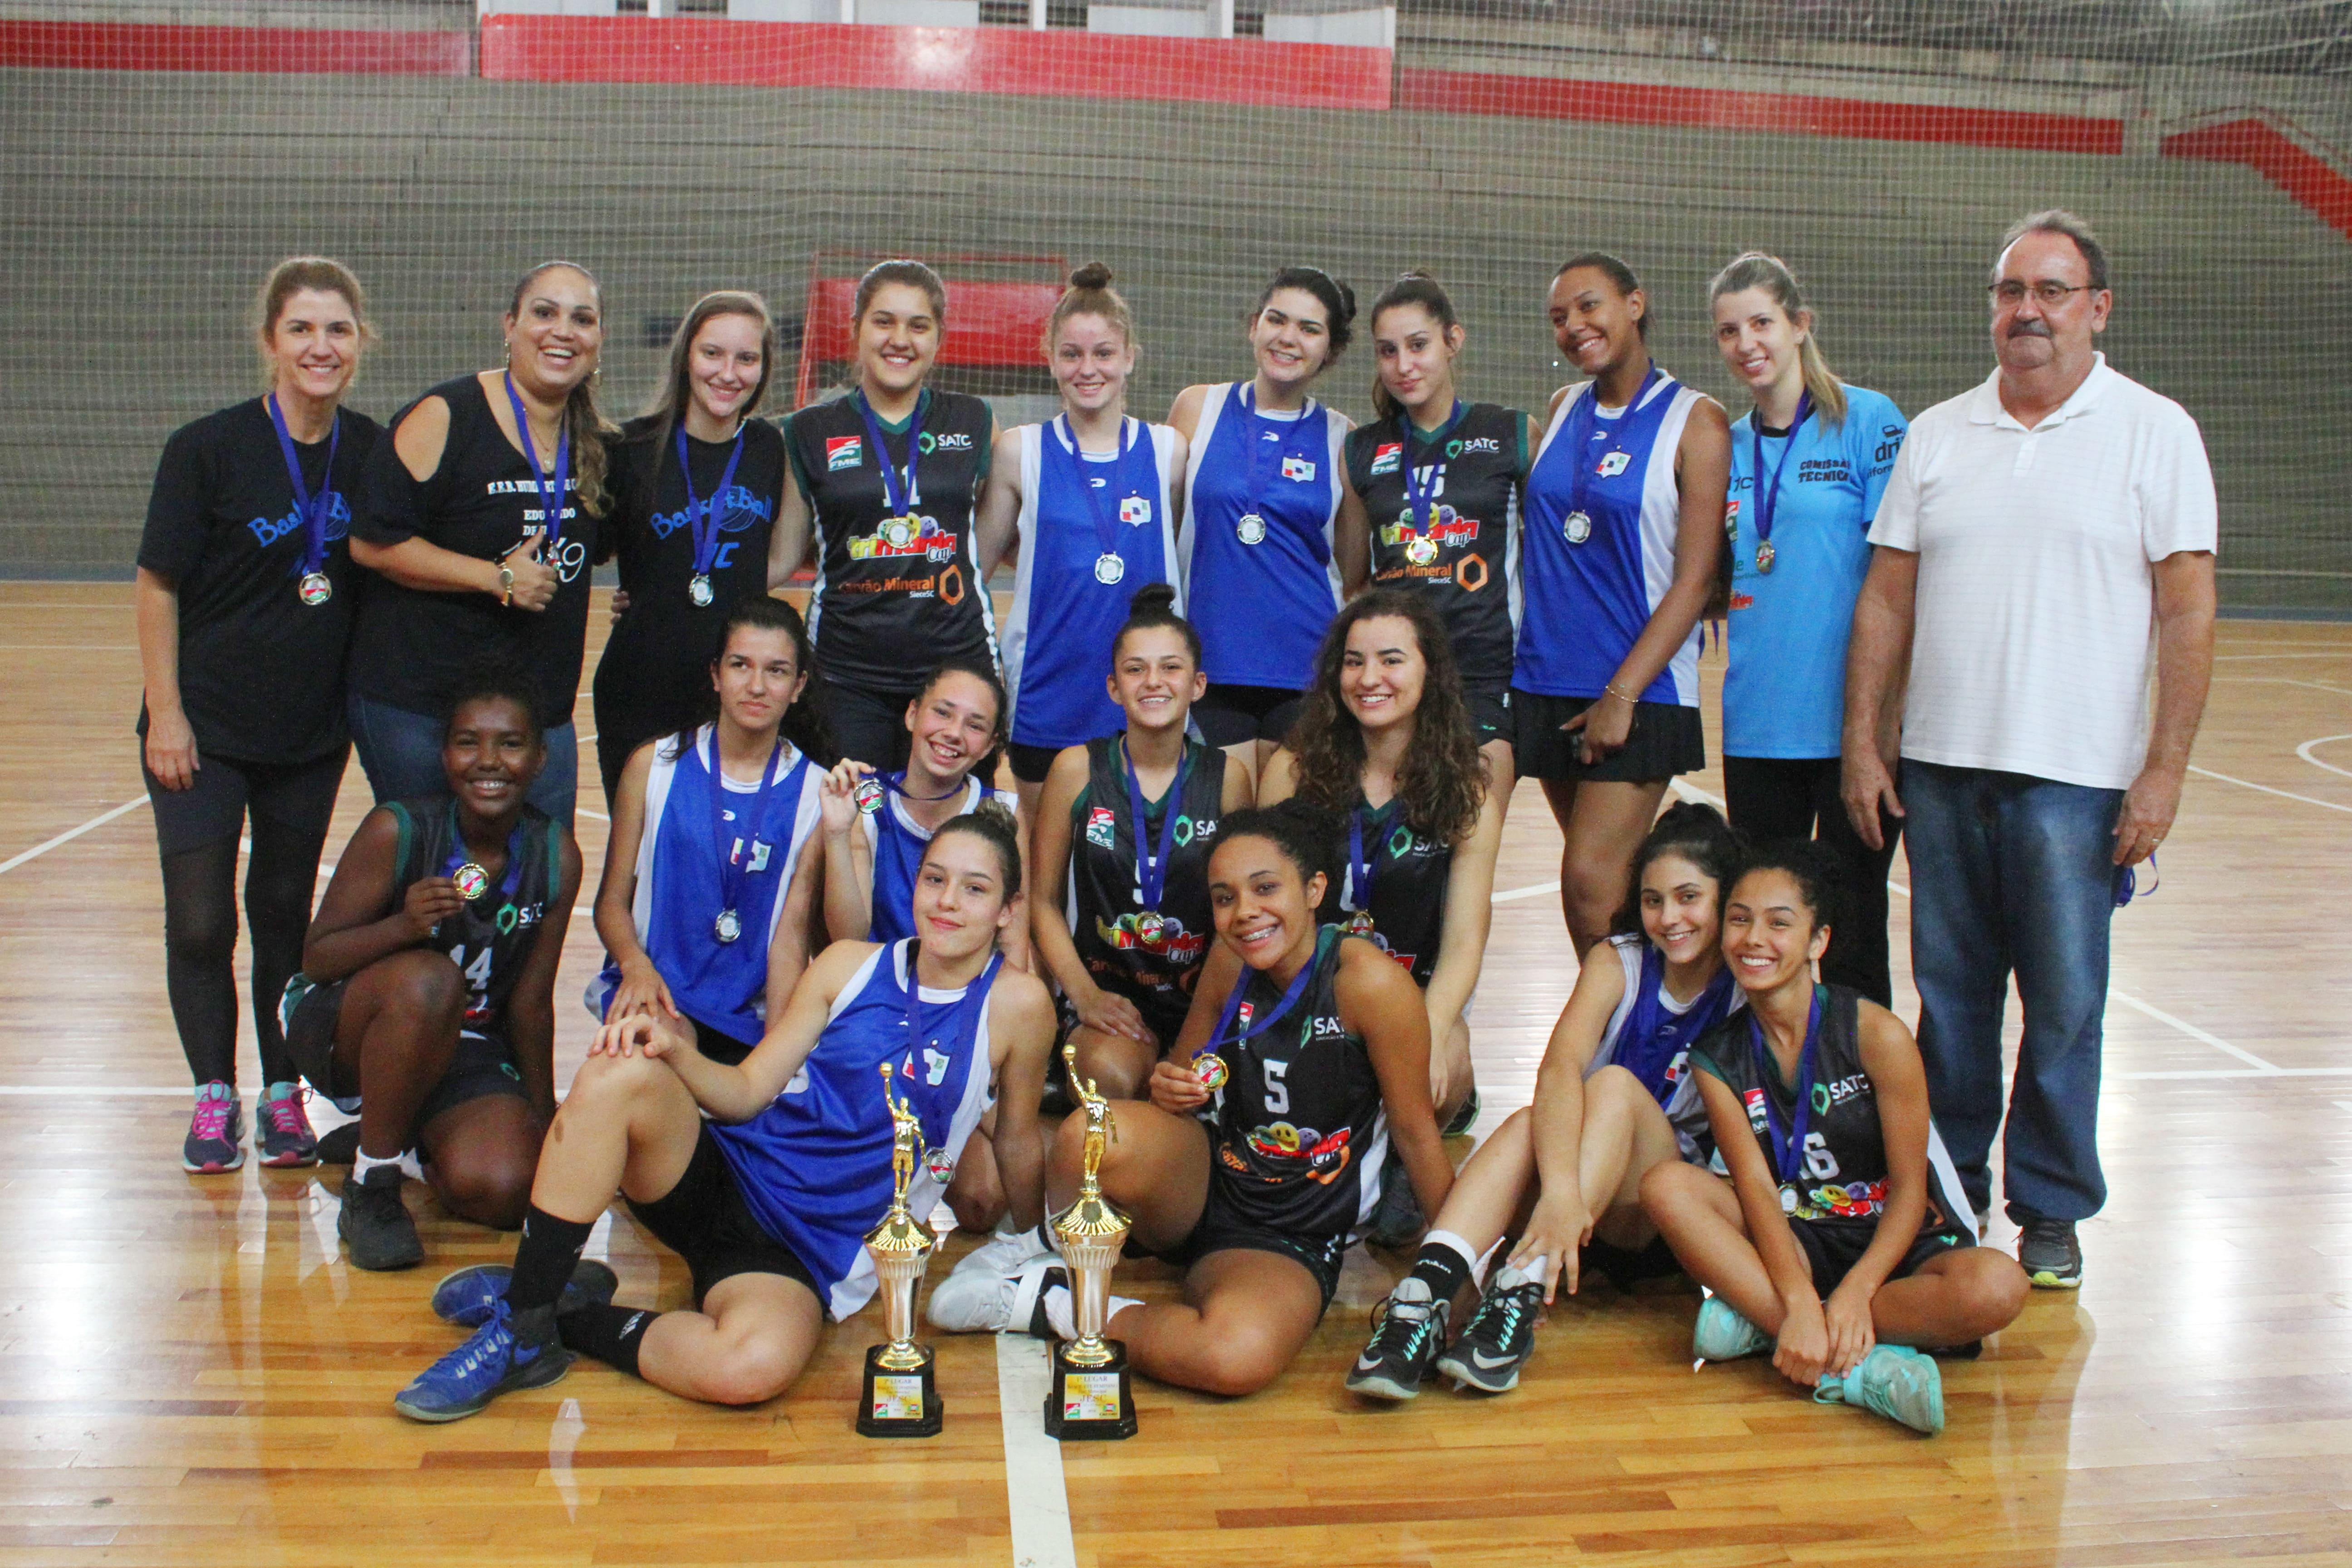 Prefeitura Municipal de Criciúma - Jesc: Satc é campeã no basquete feminino